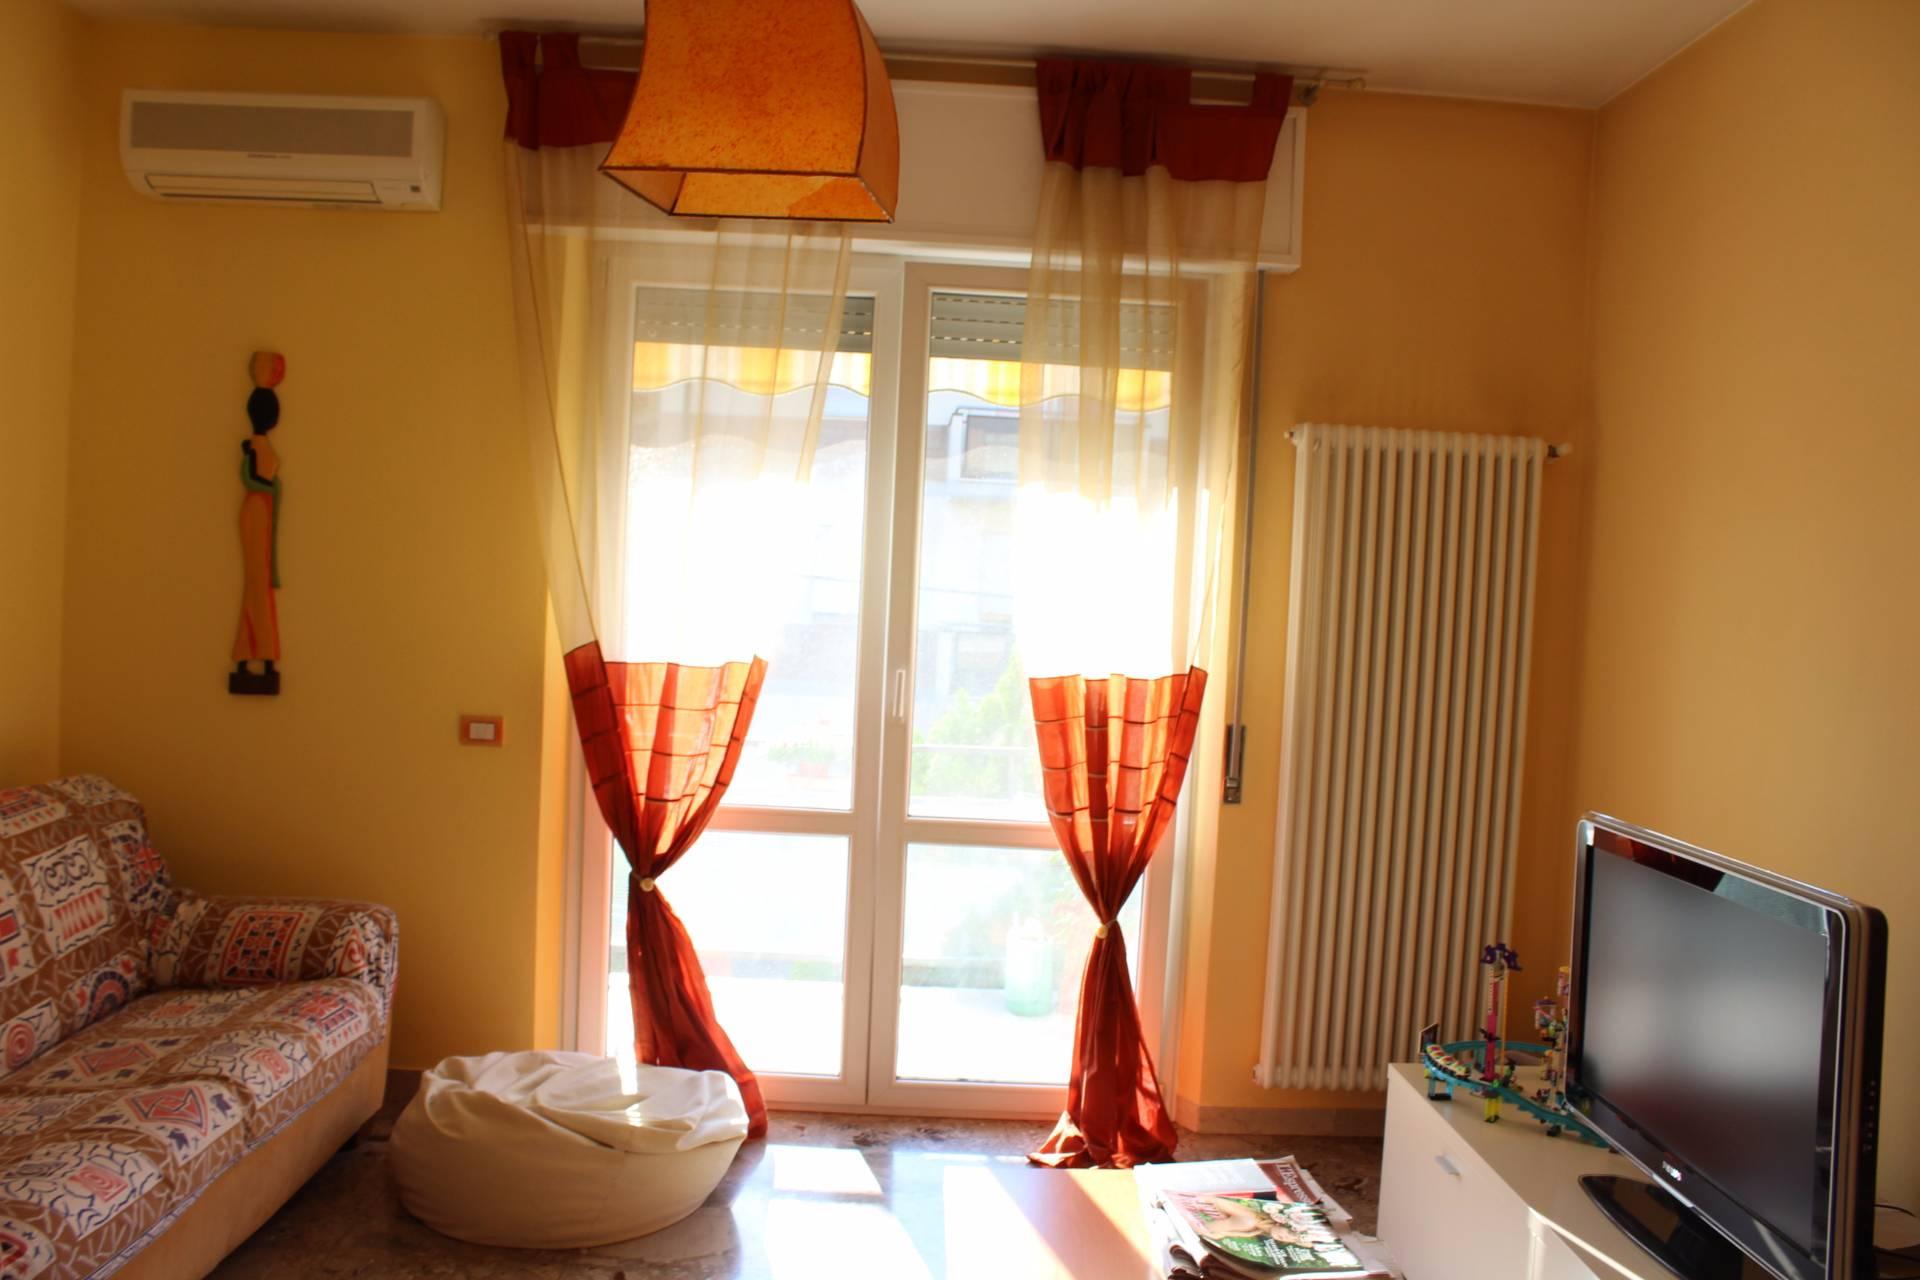 Appartamento in vendita a Cesena, 4 locali, zona Località: CENTROSTORICO, prezzo € 208.000 | CambioCasa.it